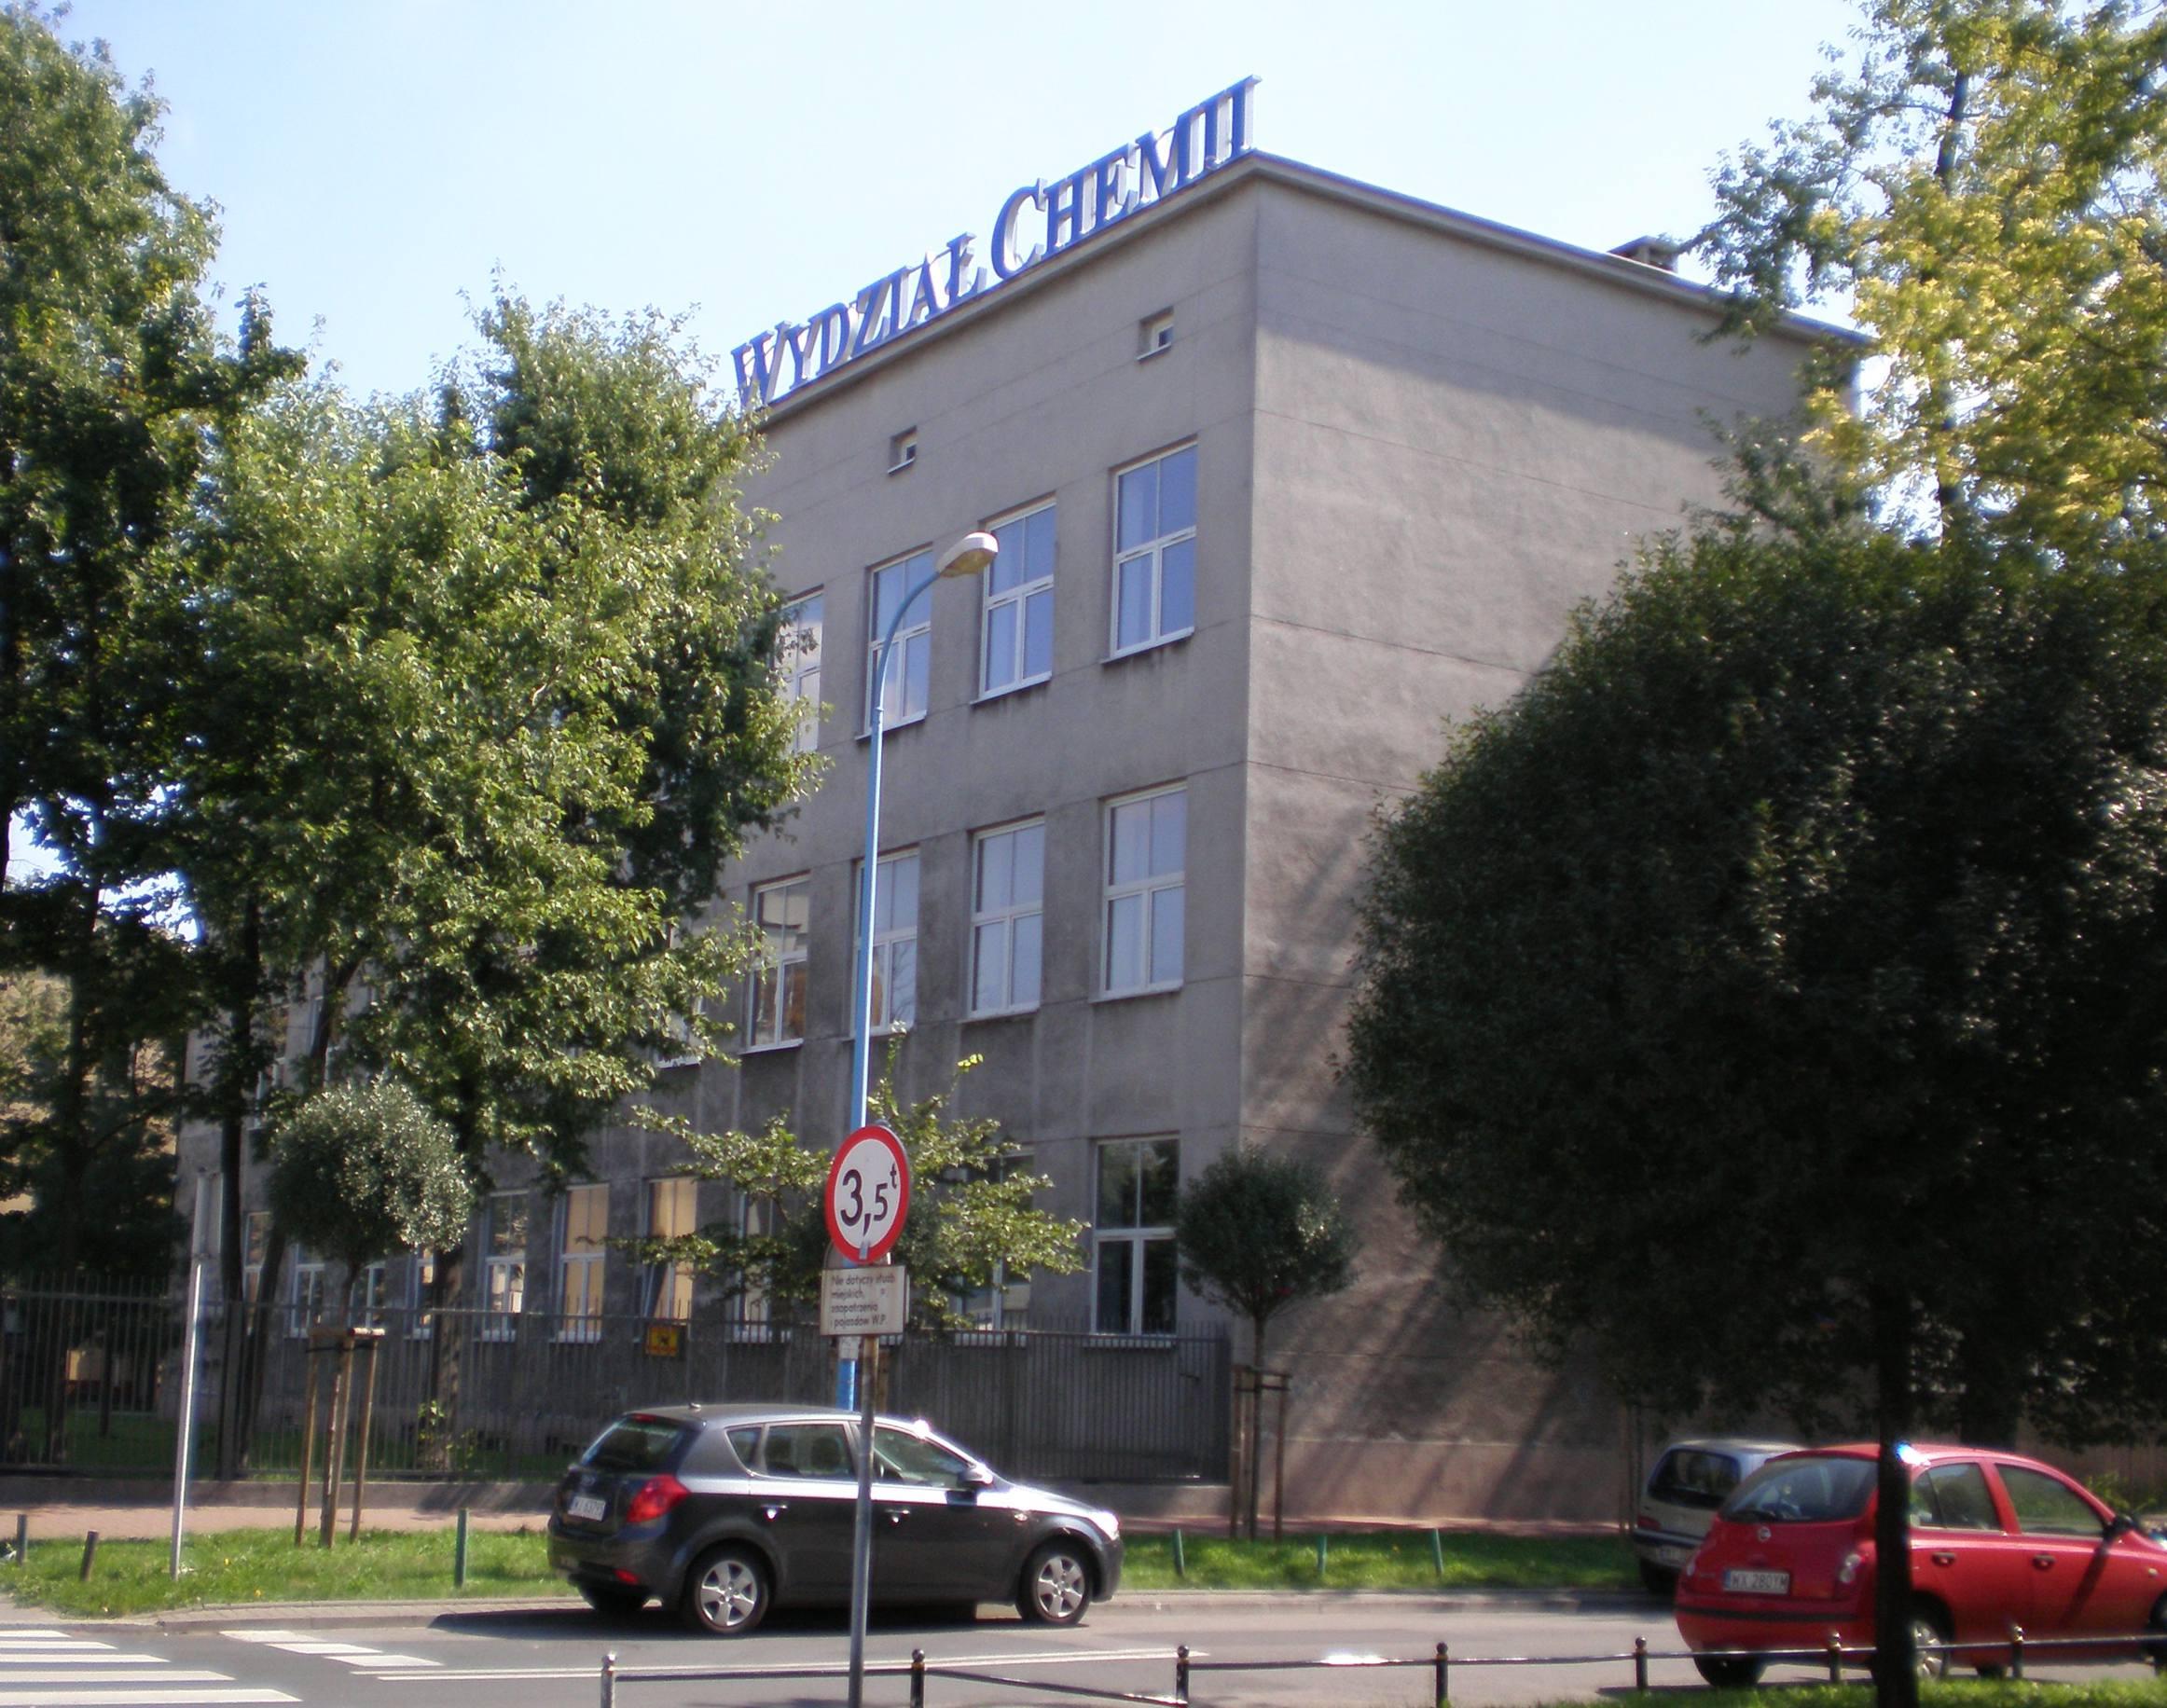 Gmach Wydziału Chemii Uniwersytetu Warszawskiego